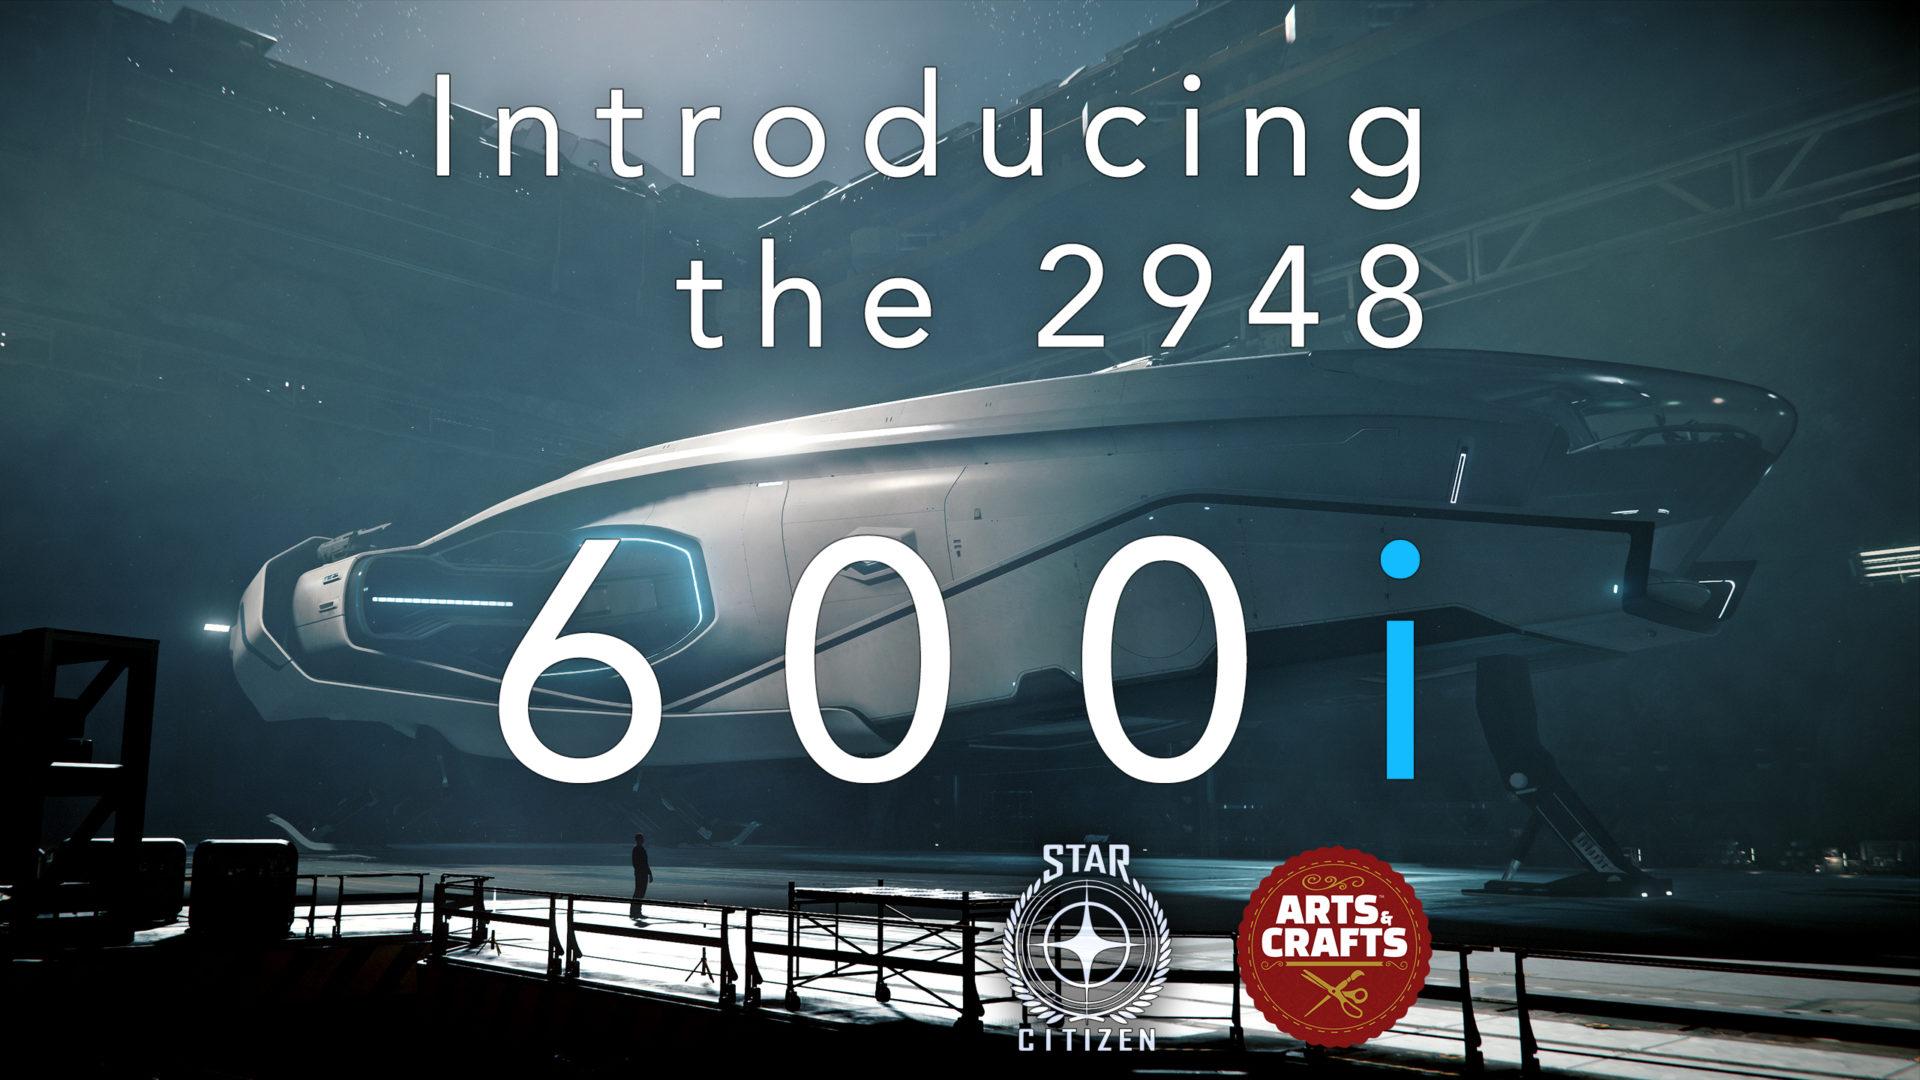 Star Citizen Origin 600i Commercial thumb